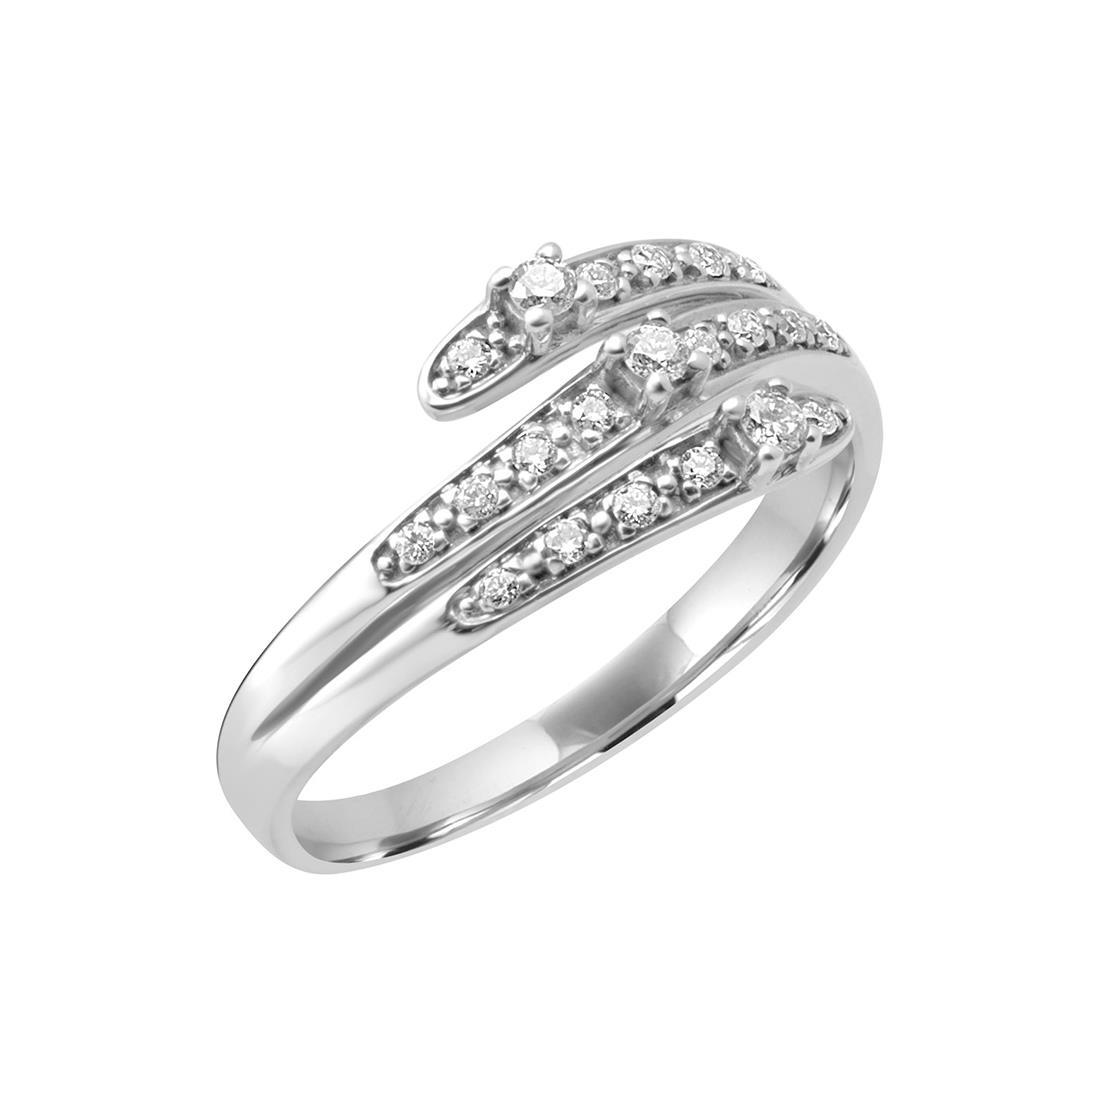 Anello in oro bianco con diamanti ct. 0,16 - BLISS